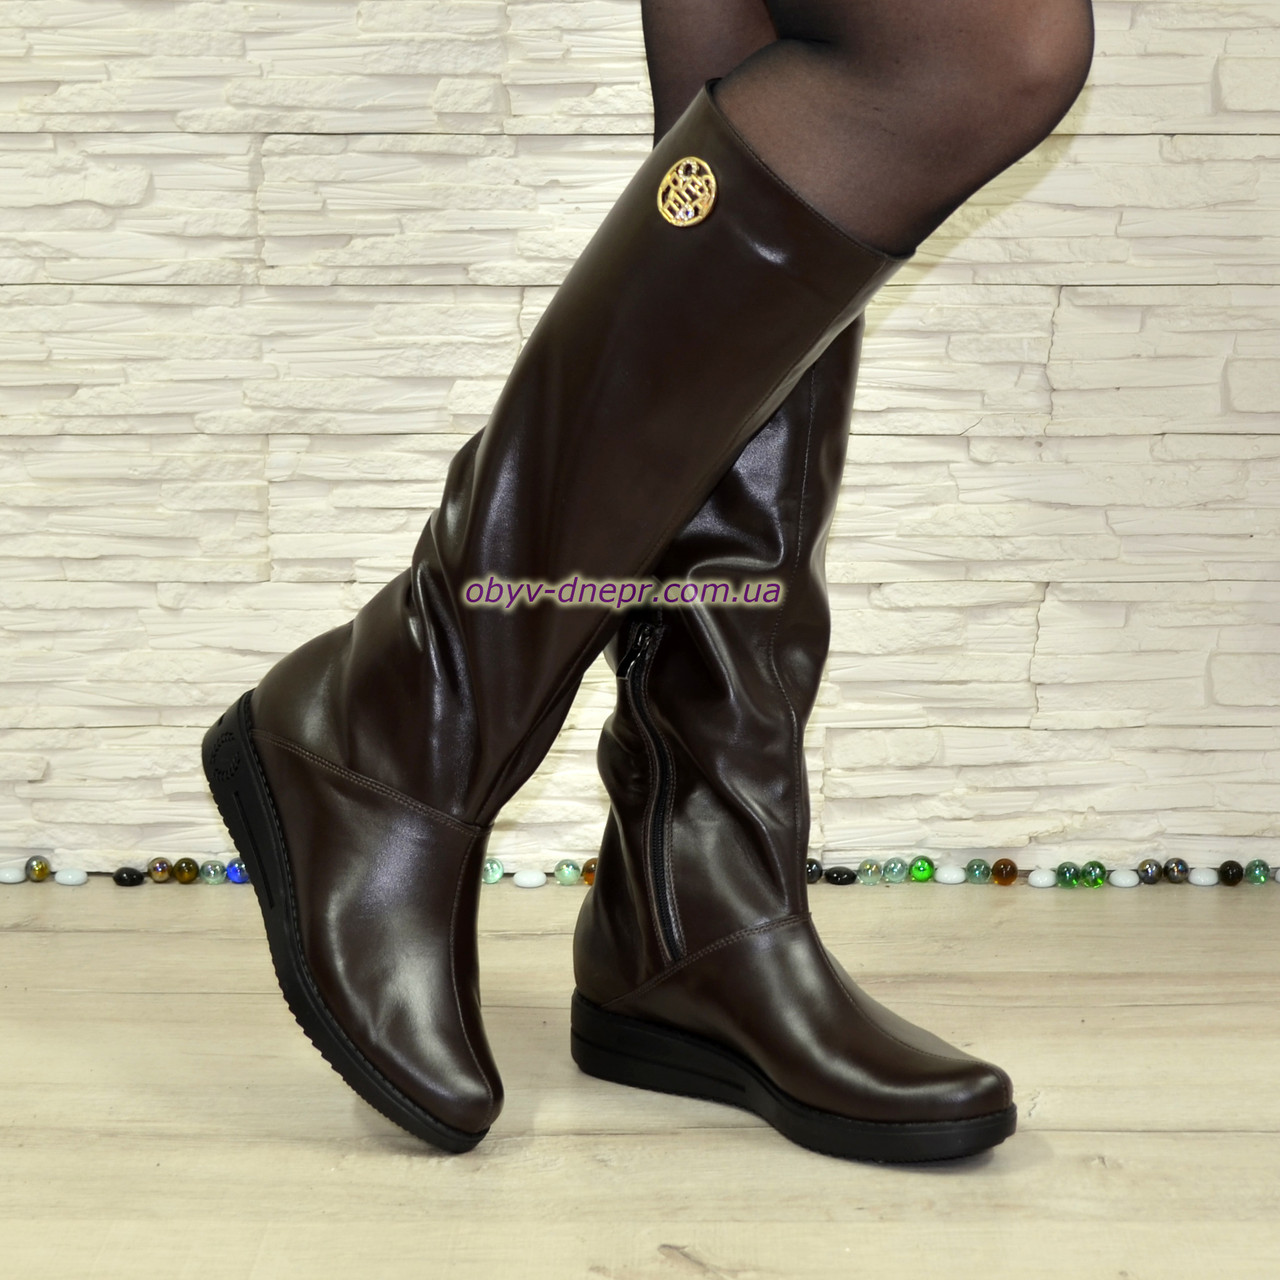 """Женские сапоги """"свободного одевания"""" из натуральной кожи коричневого цвета на низком ходу"""